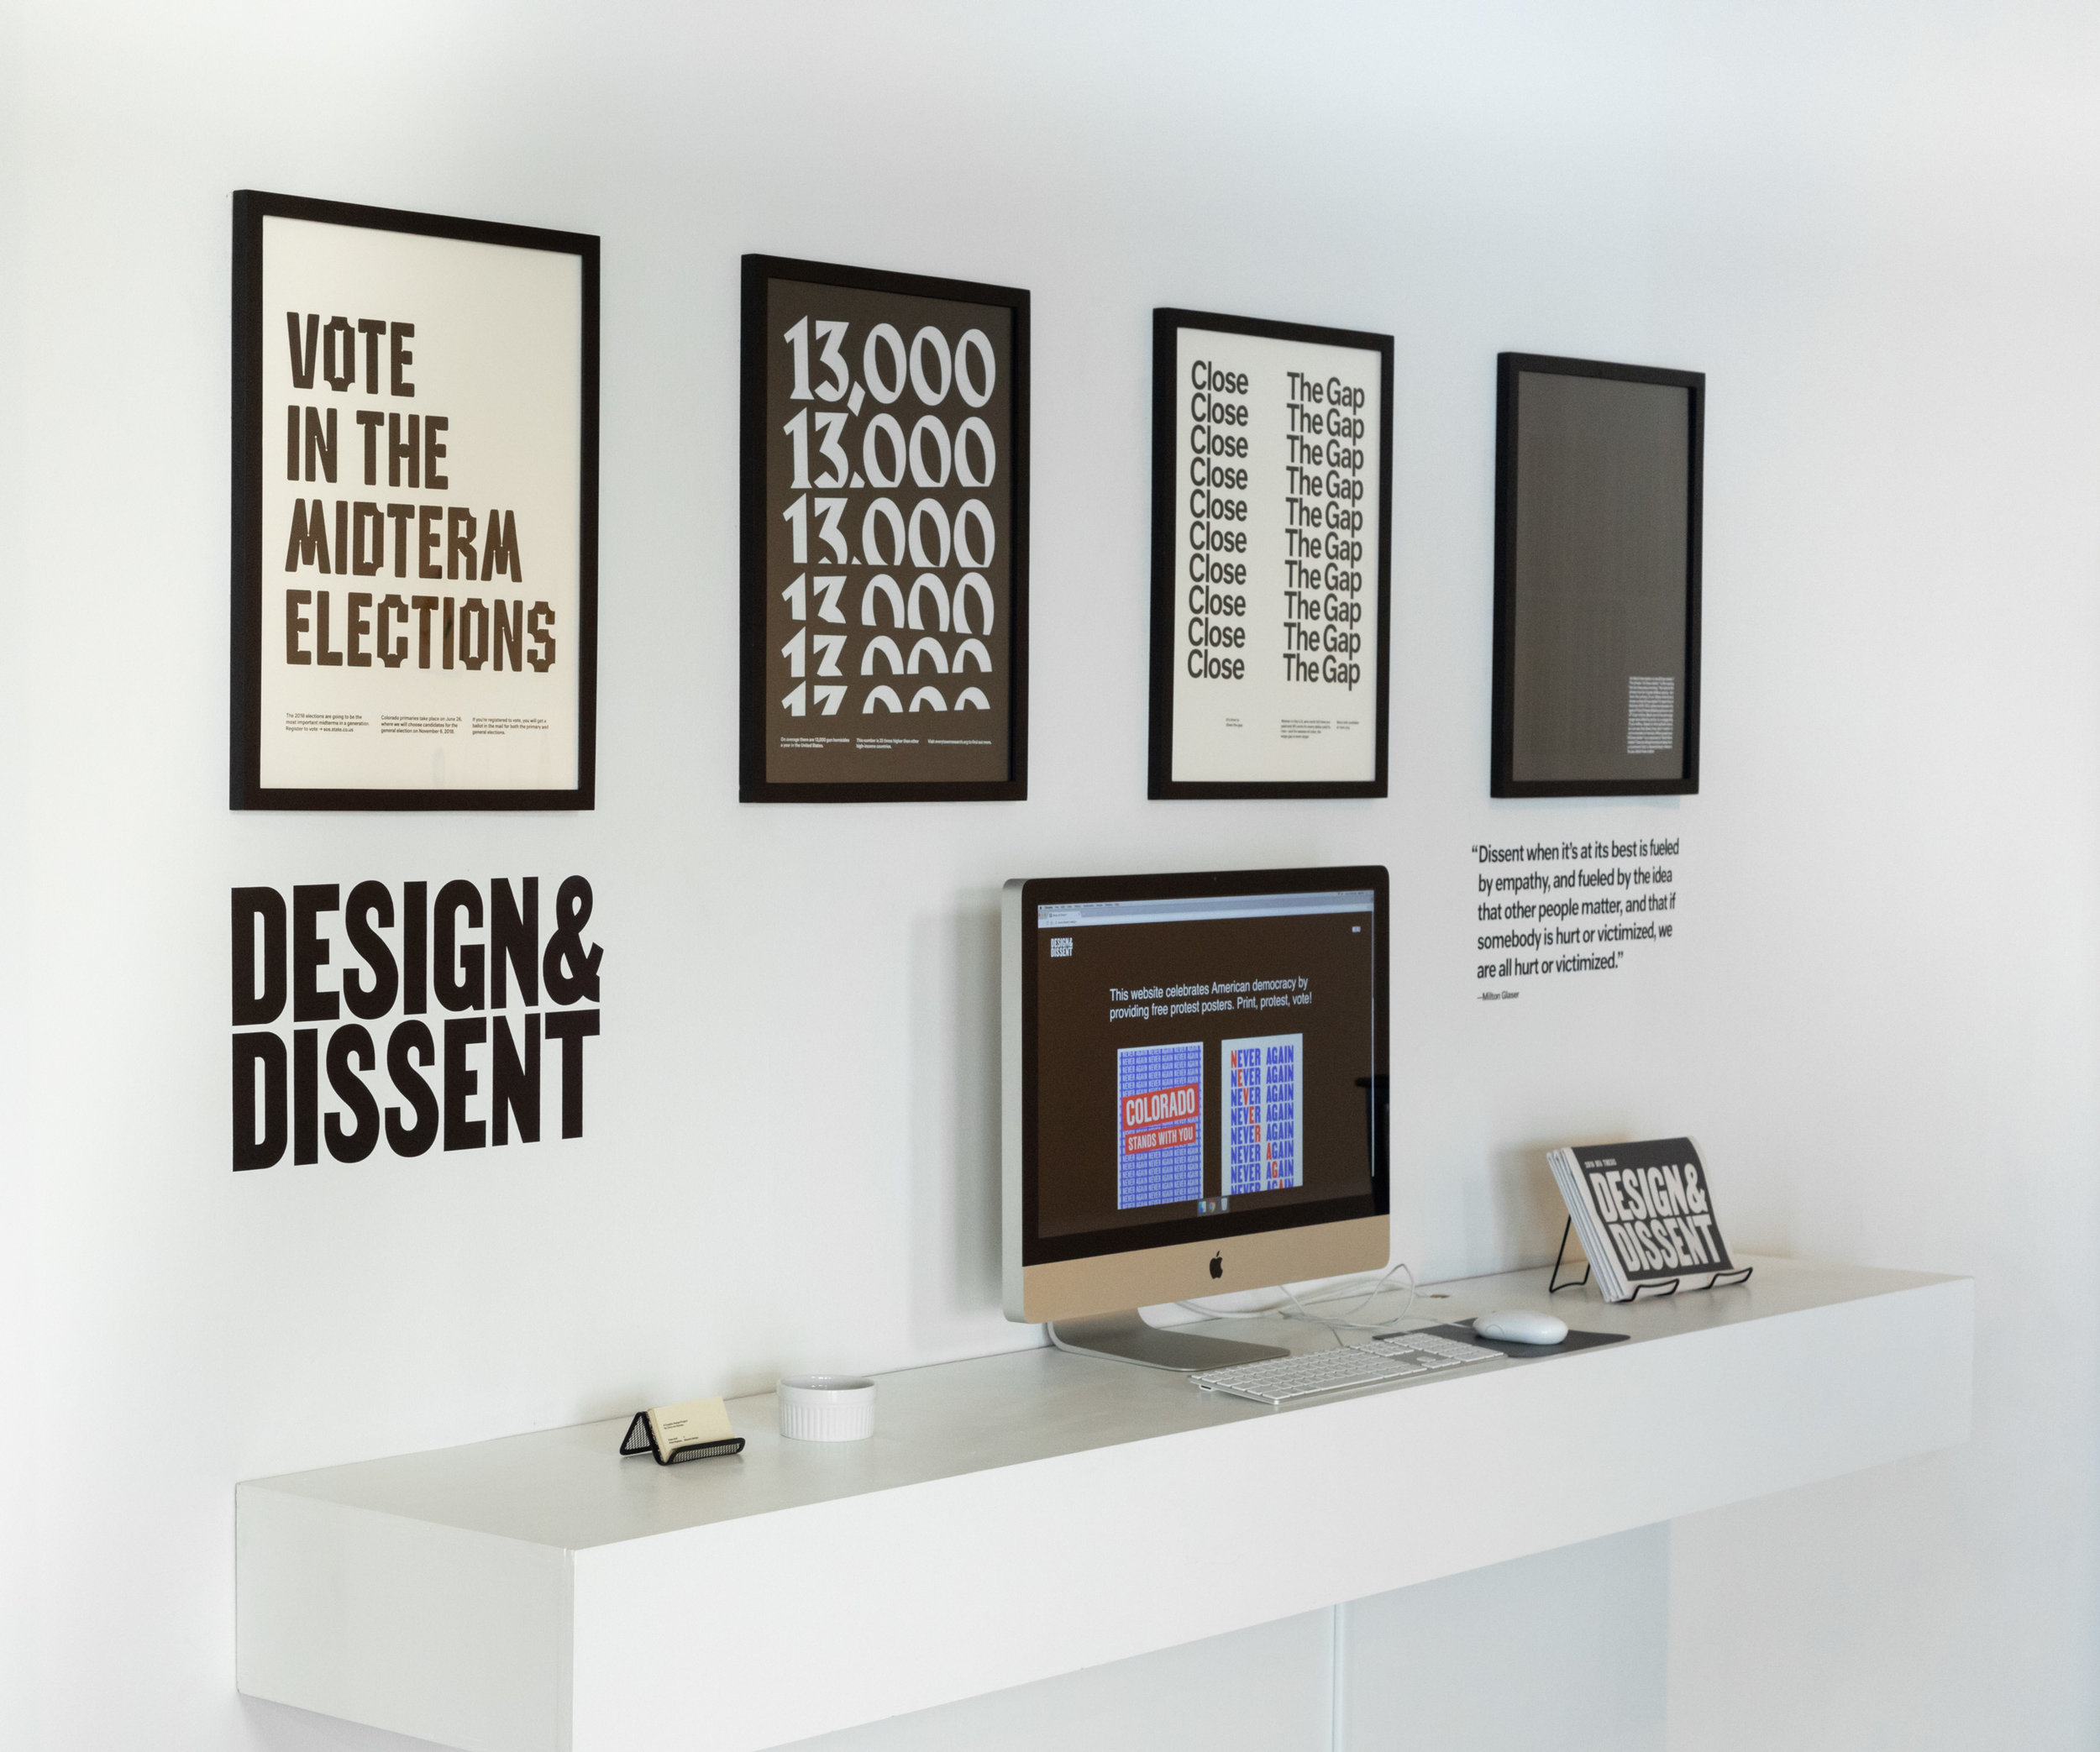 Design-&-Dissent-Gallery-Show.jpg